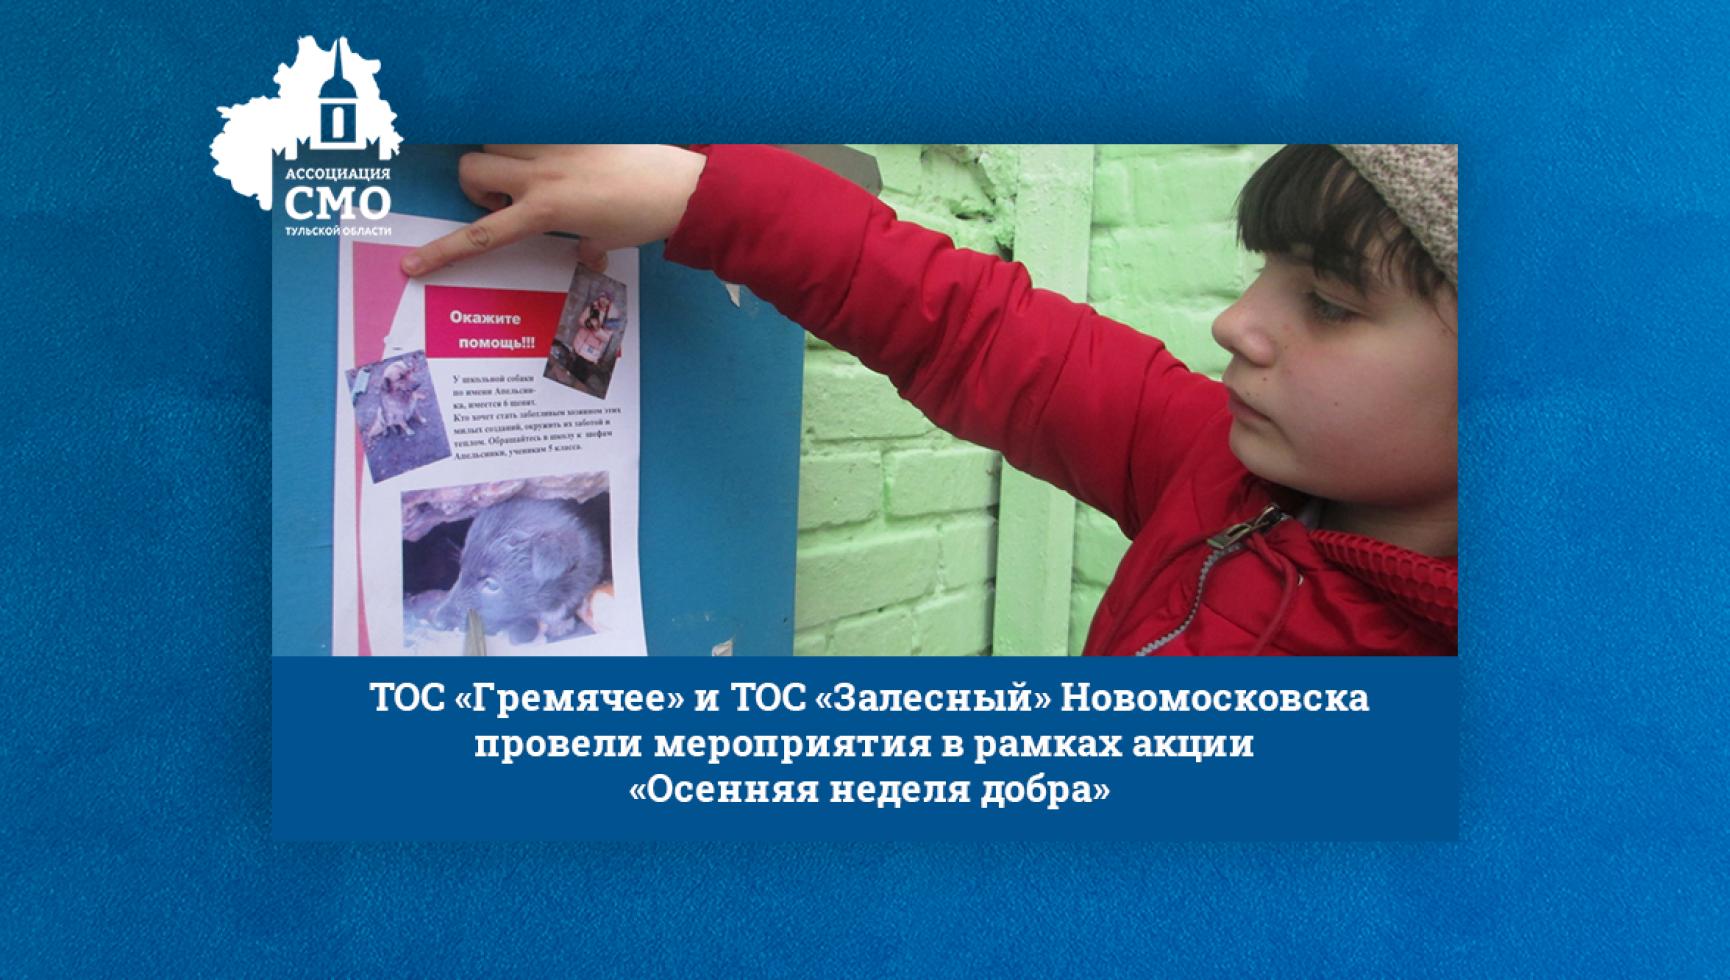 ТОС «Гремячее» и ТОС «Залесный» Новомосковска провели мероприятия в рамках акции «Осенняя неделя добра»